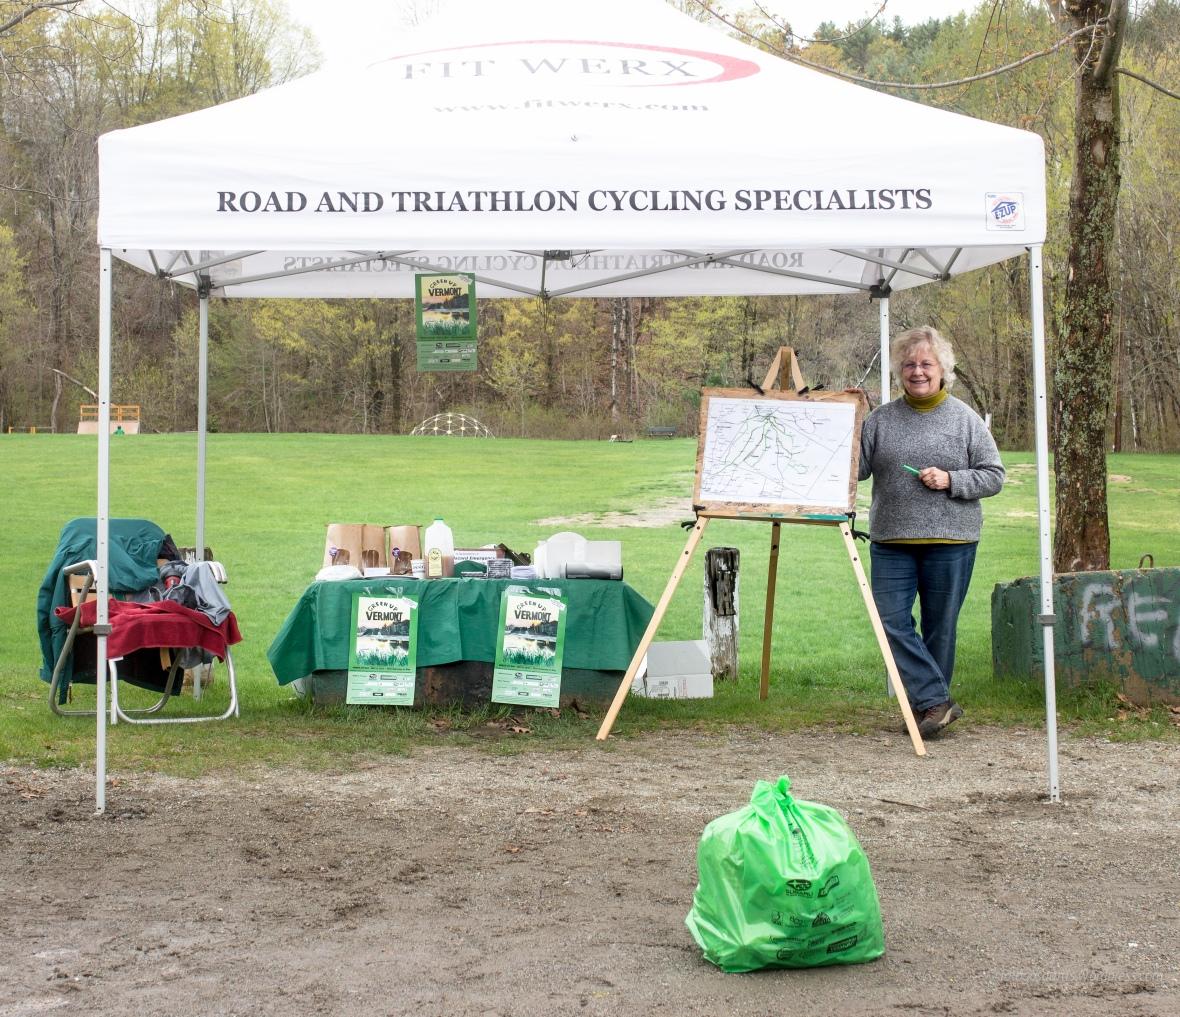 b at rec field tent